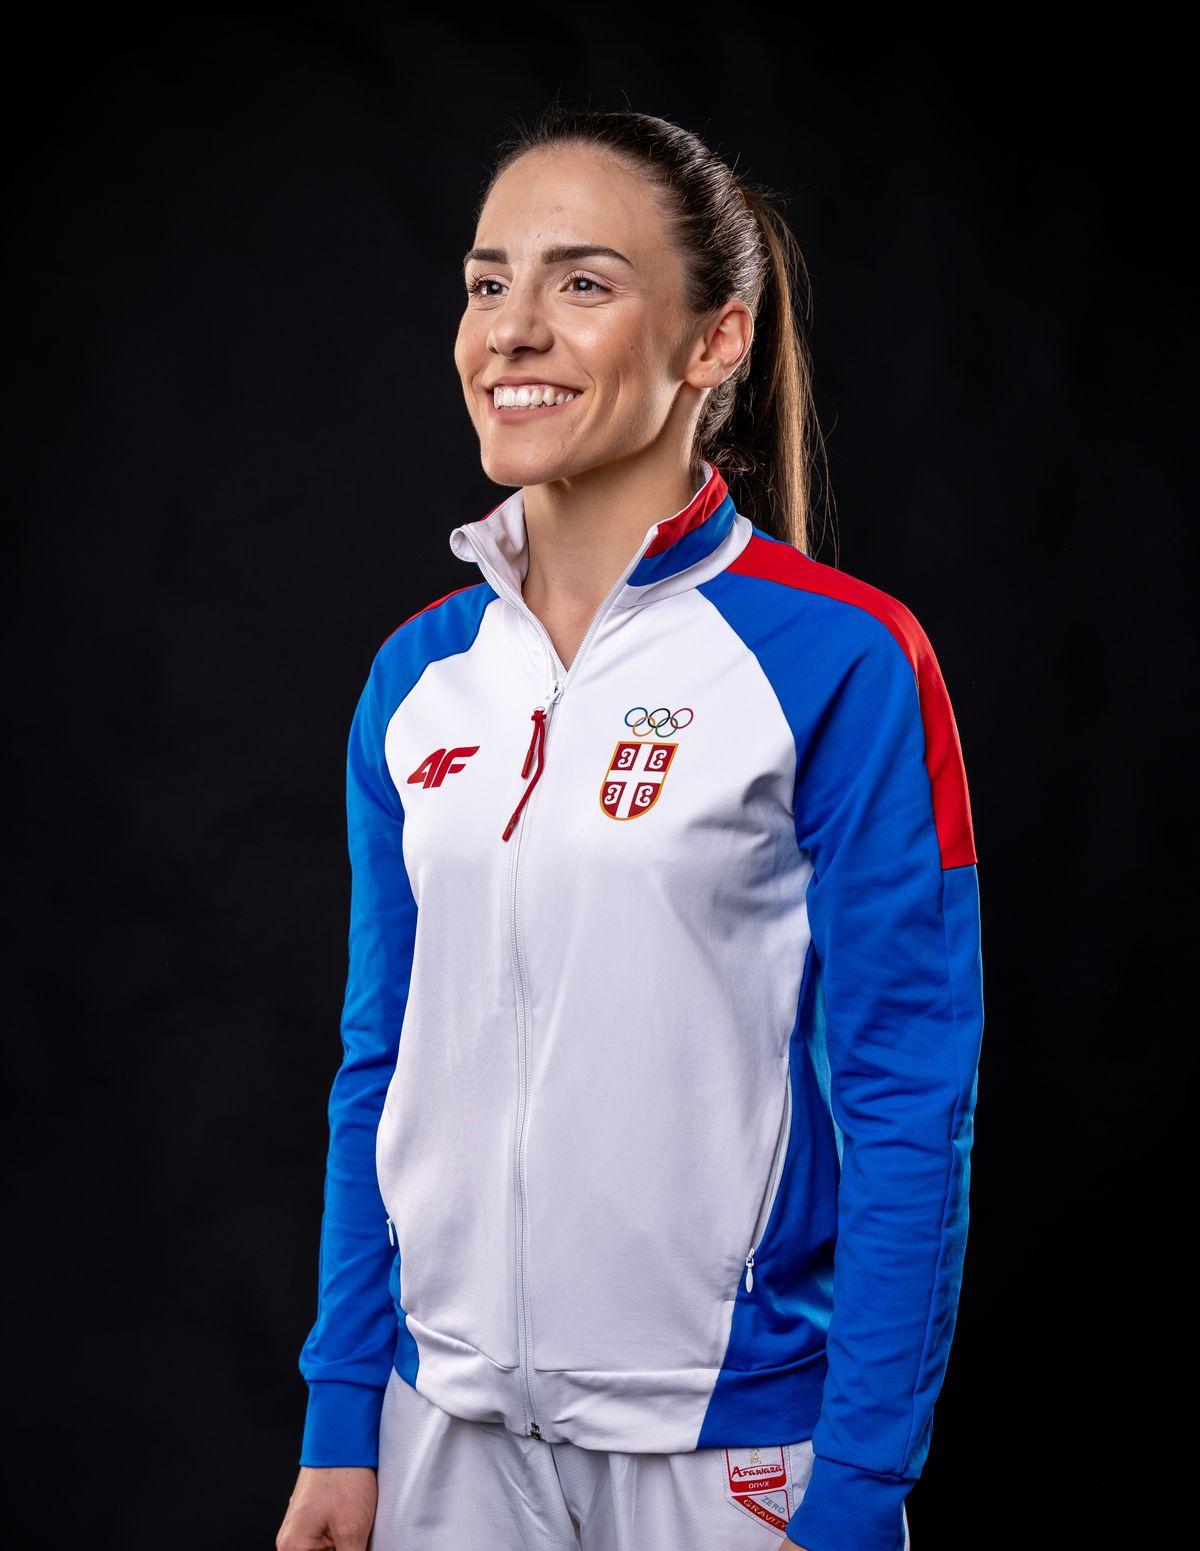 Златна девојка аранђеловачког спорта